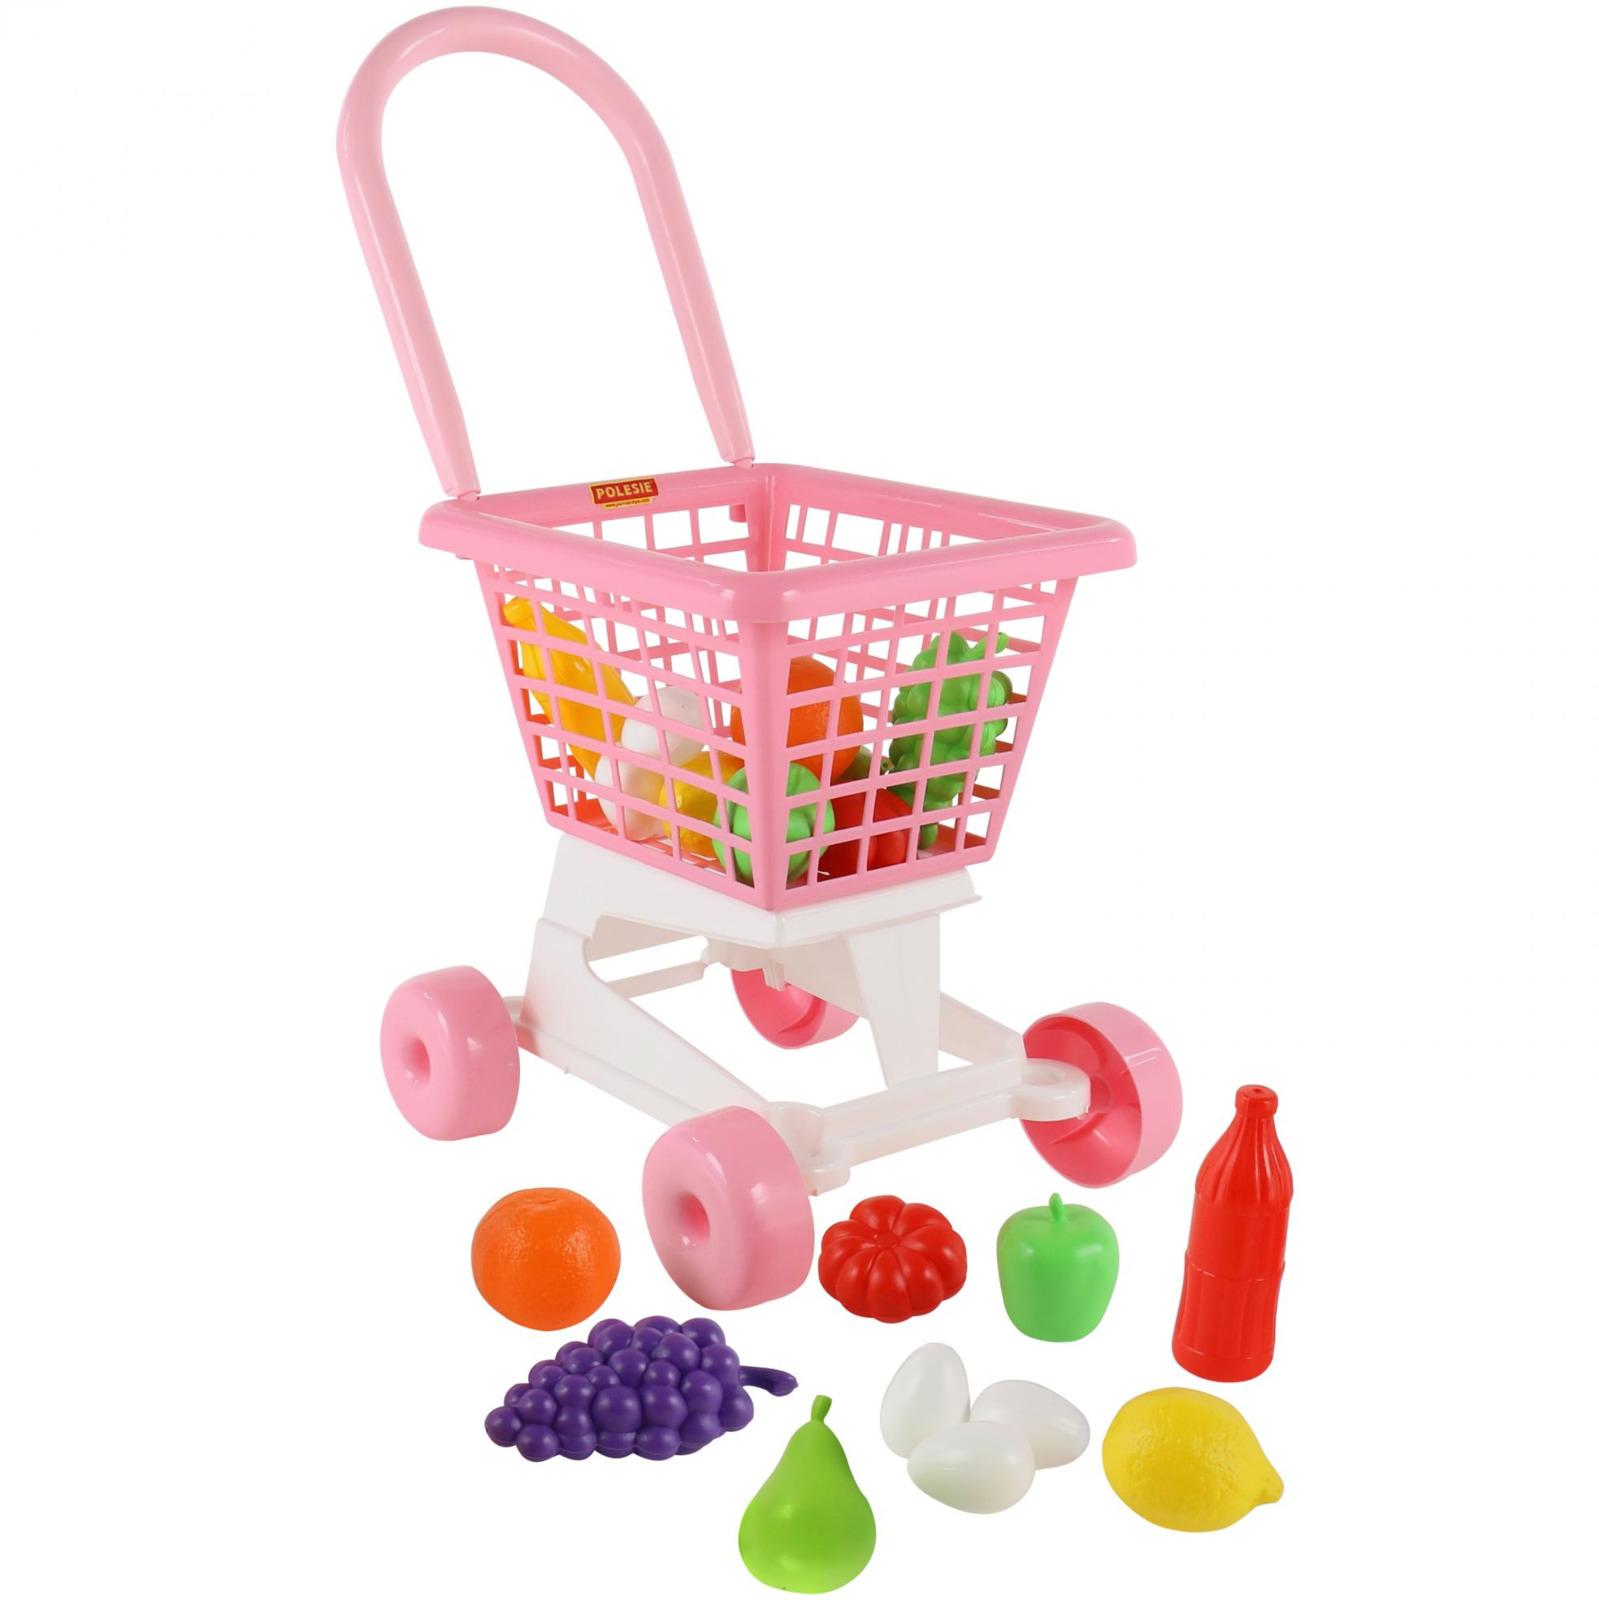 Фото - Тележка Полесье Supermarket №1 + набор продуктов, цвет в ассортименте полесье игрушечная тележка supermarket 1 с набором продуктов цвет в ассортименте